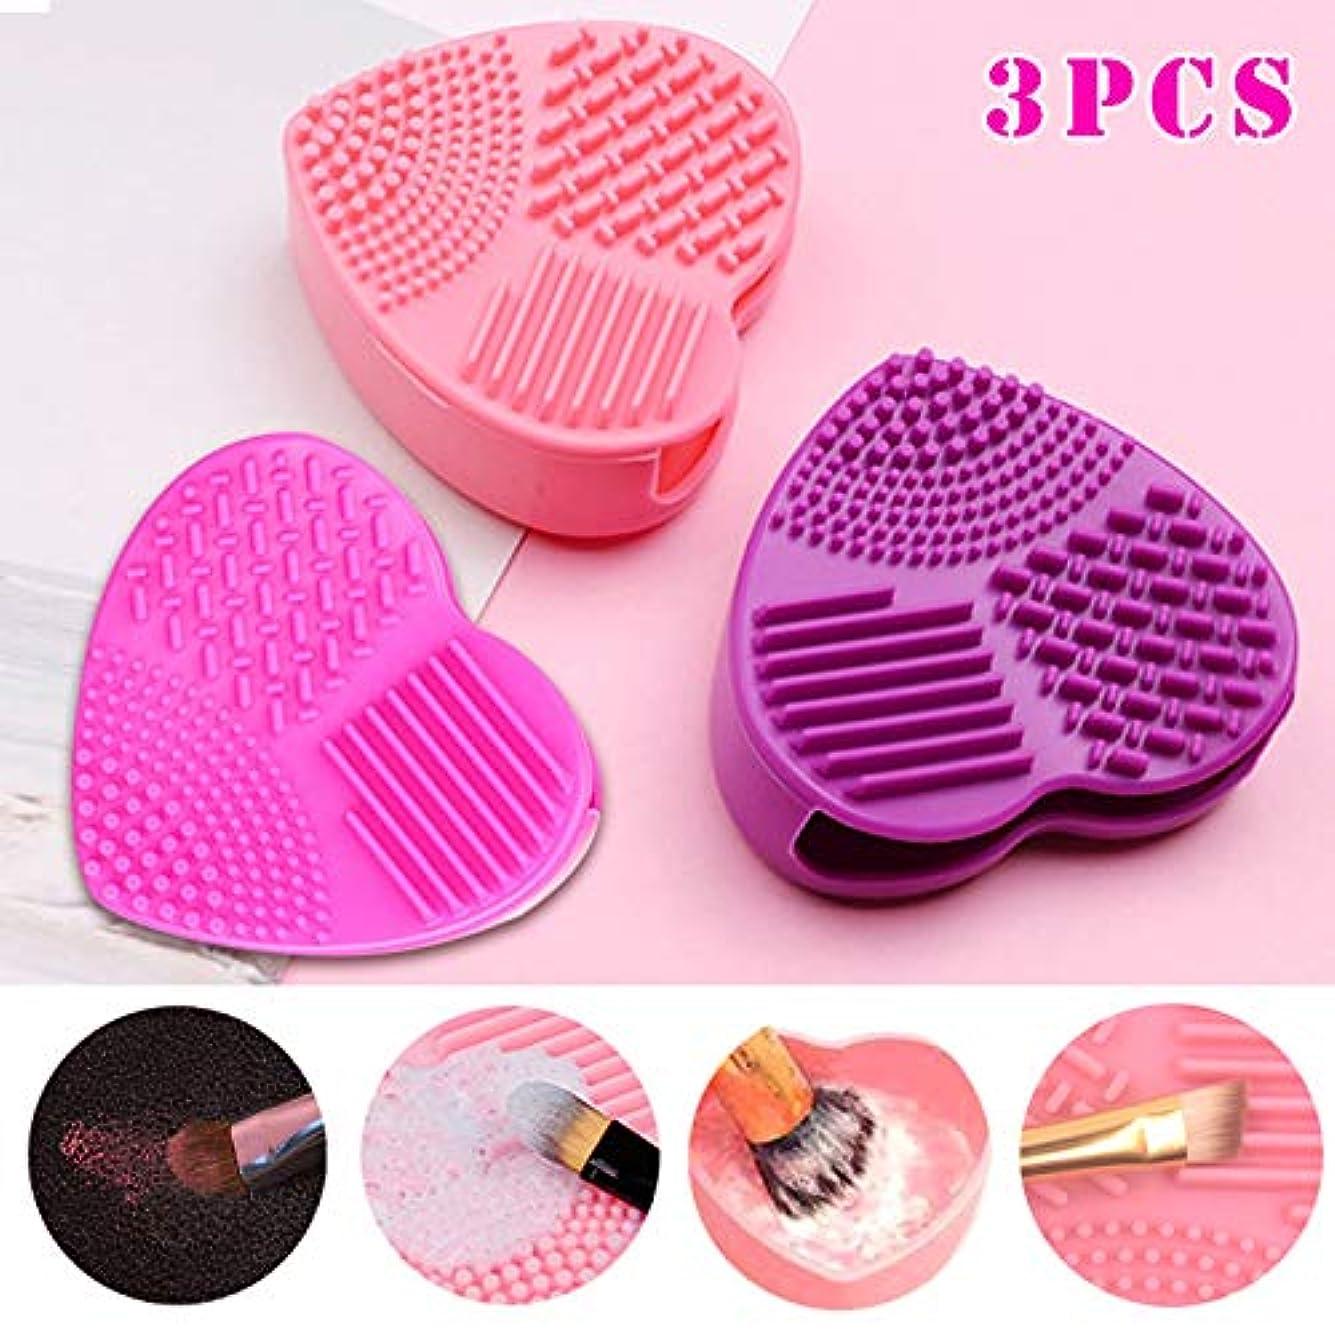 証書猟犬統計的Symboat 3つのハート型の化粧ブラシのクリーニングパッド 洗浄ブラシ ピンクのハート形 化粧ブラシ用清掃パッド